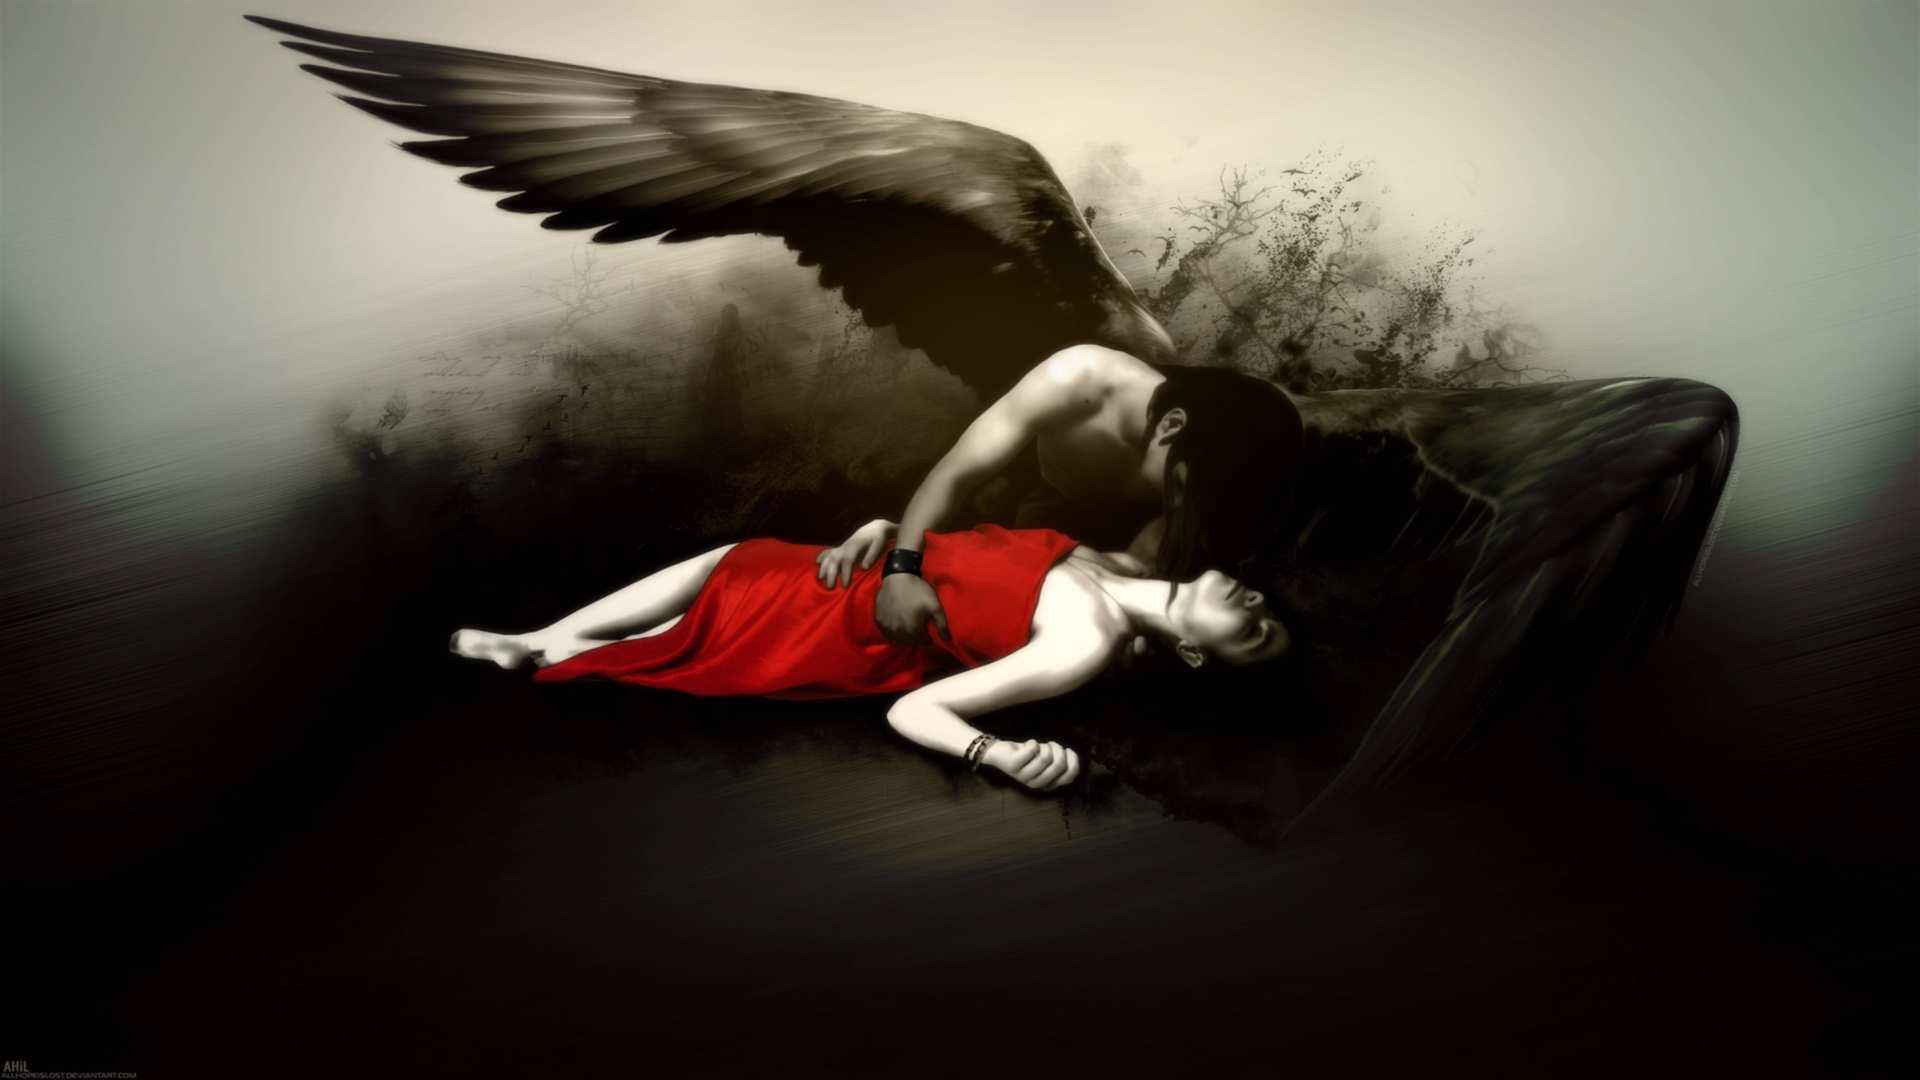 fantasy fallen angel gothic dark wings mood emotion sad sorrow death 1920x1080